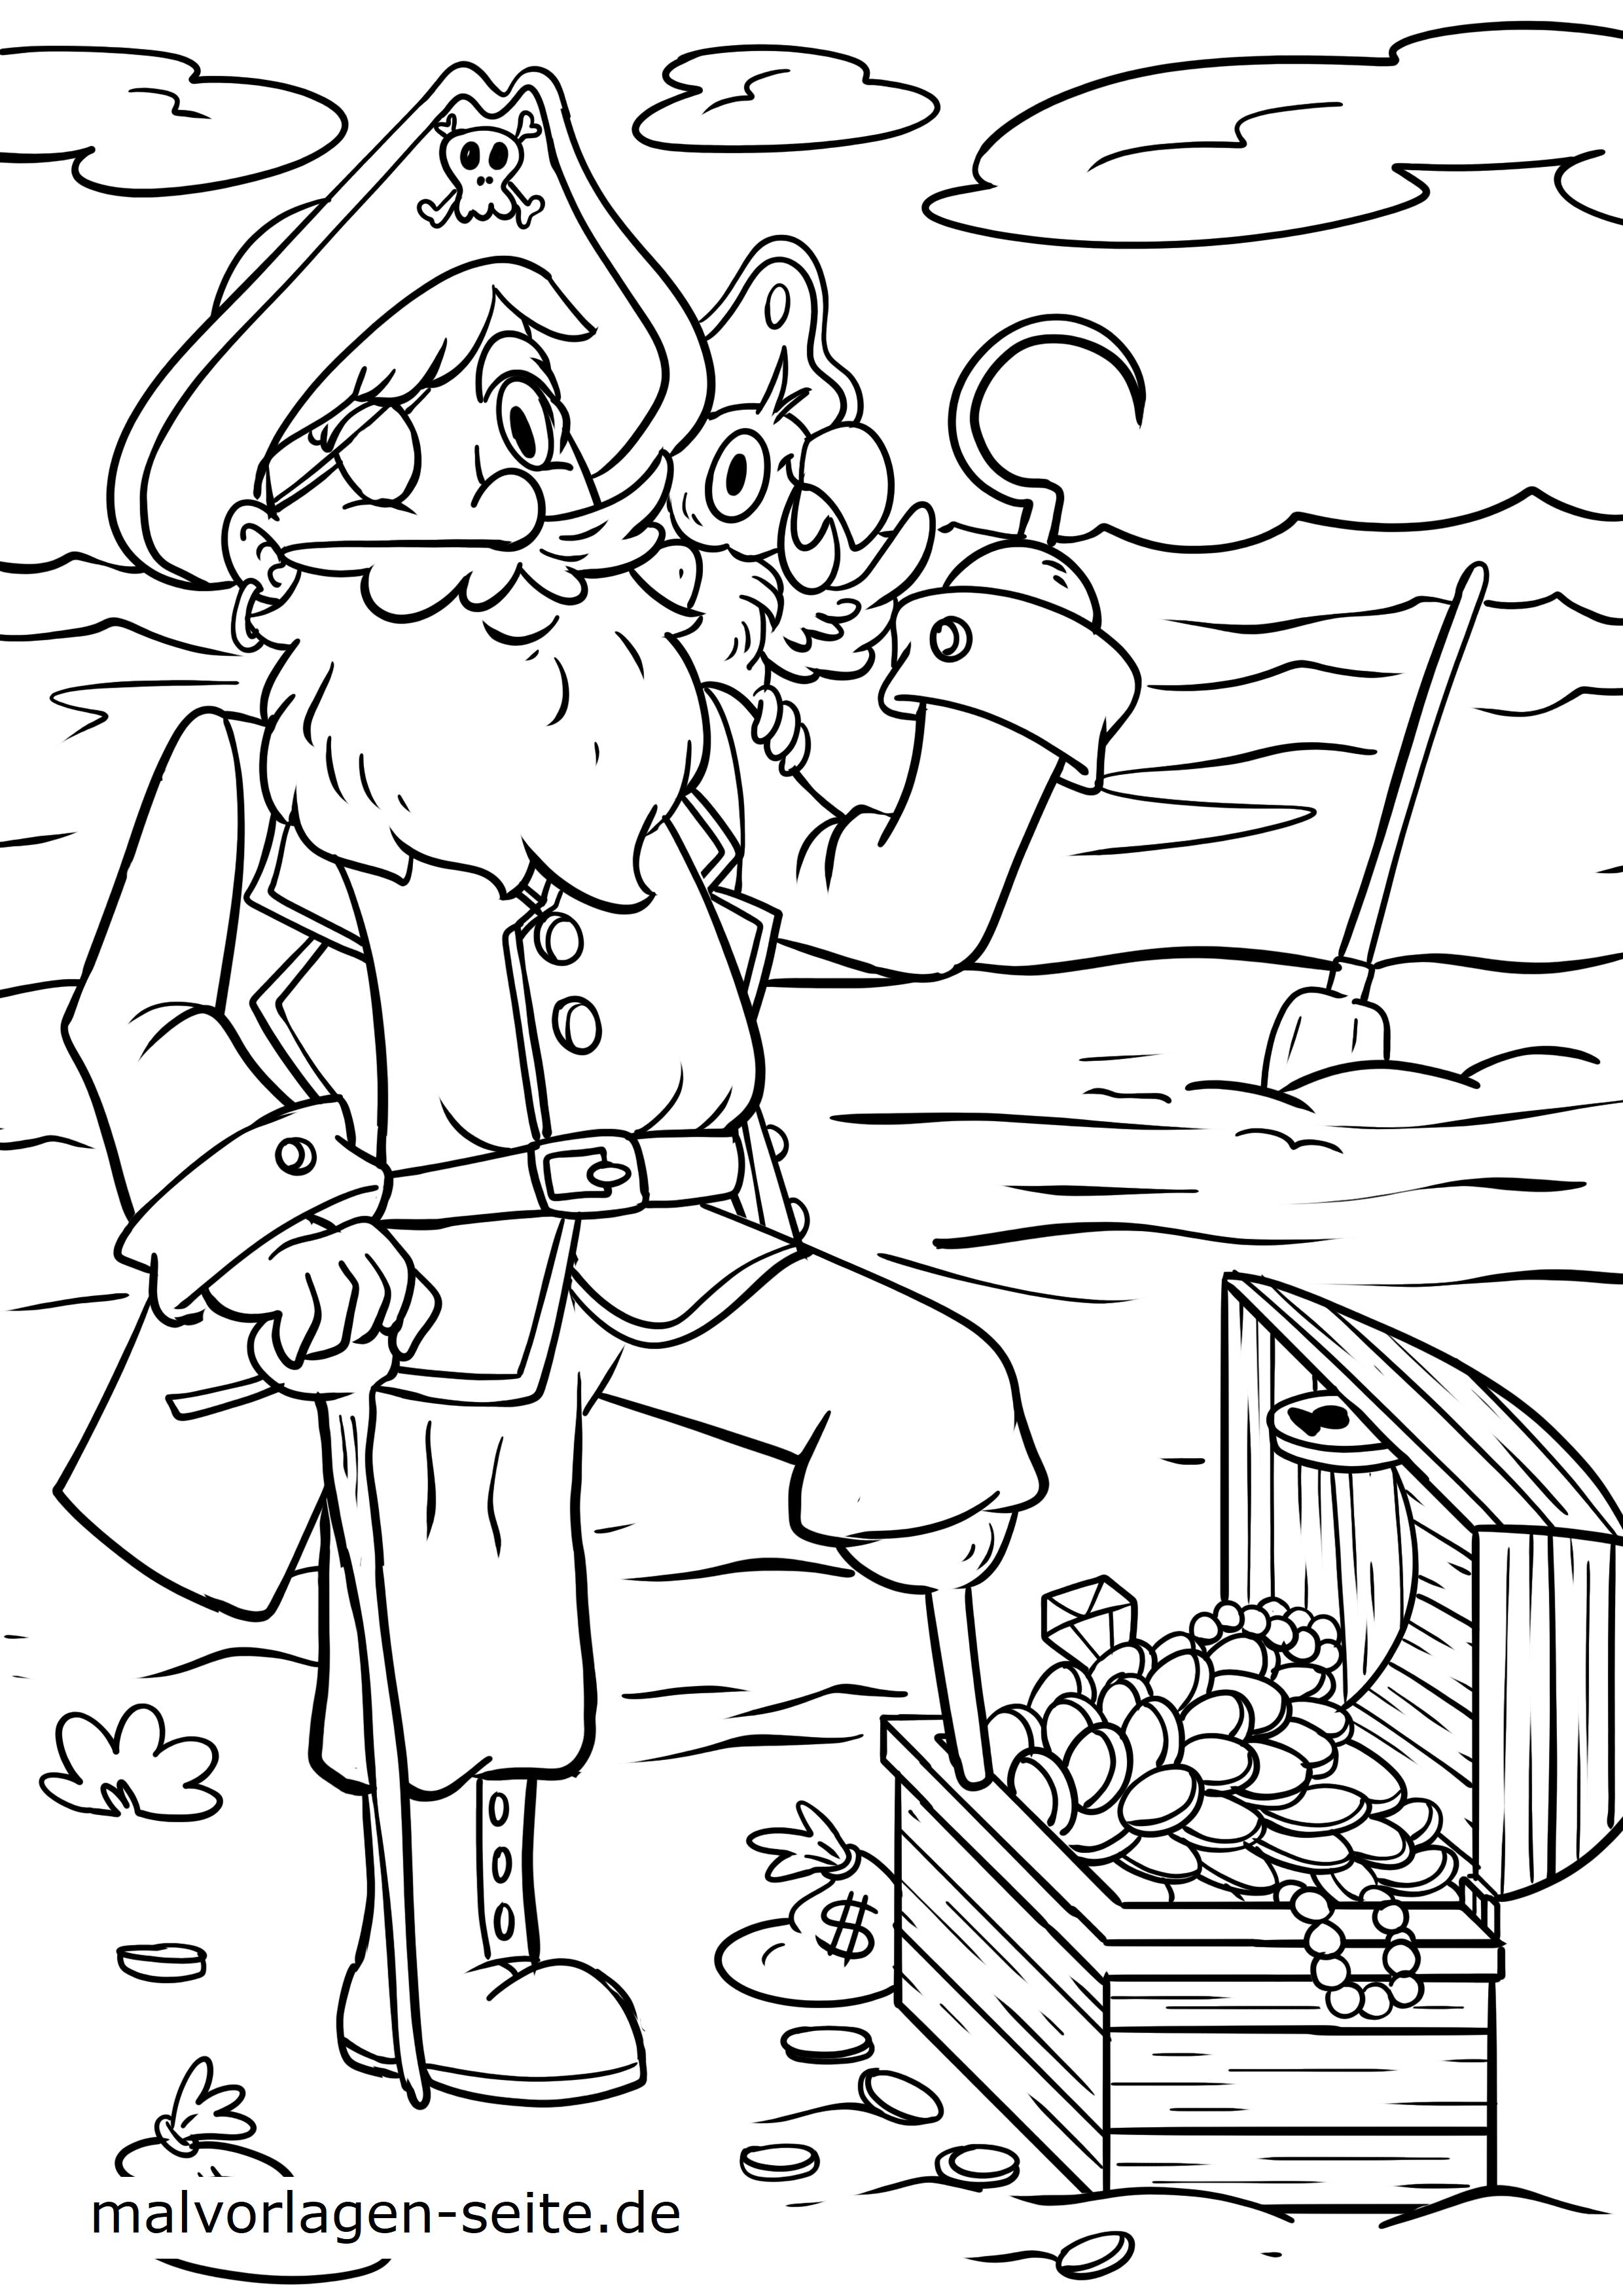 malvorlage pirat - kostenlose ausmalbilder